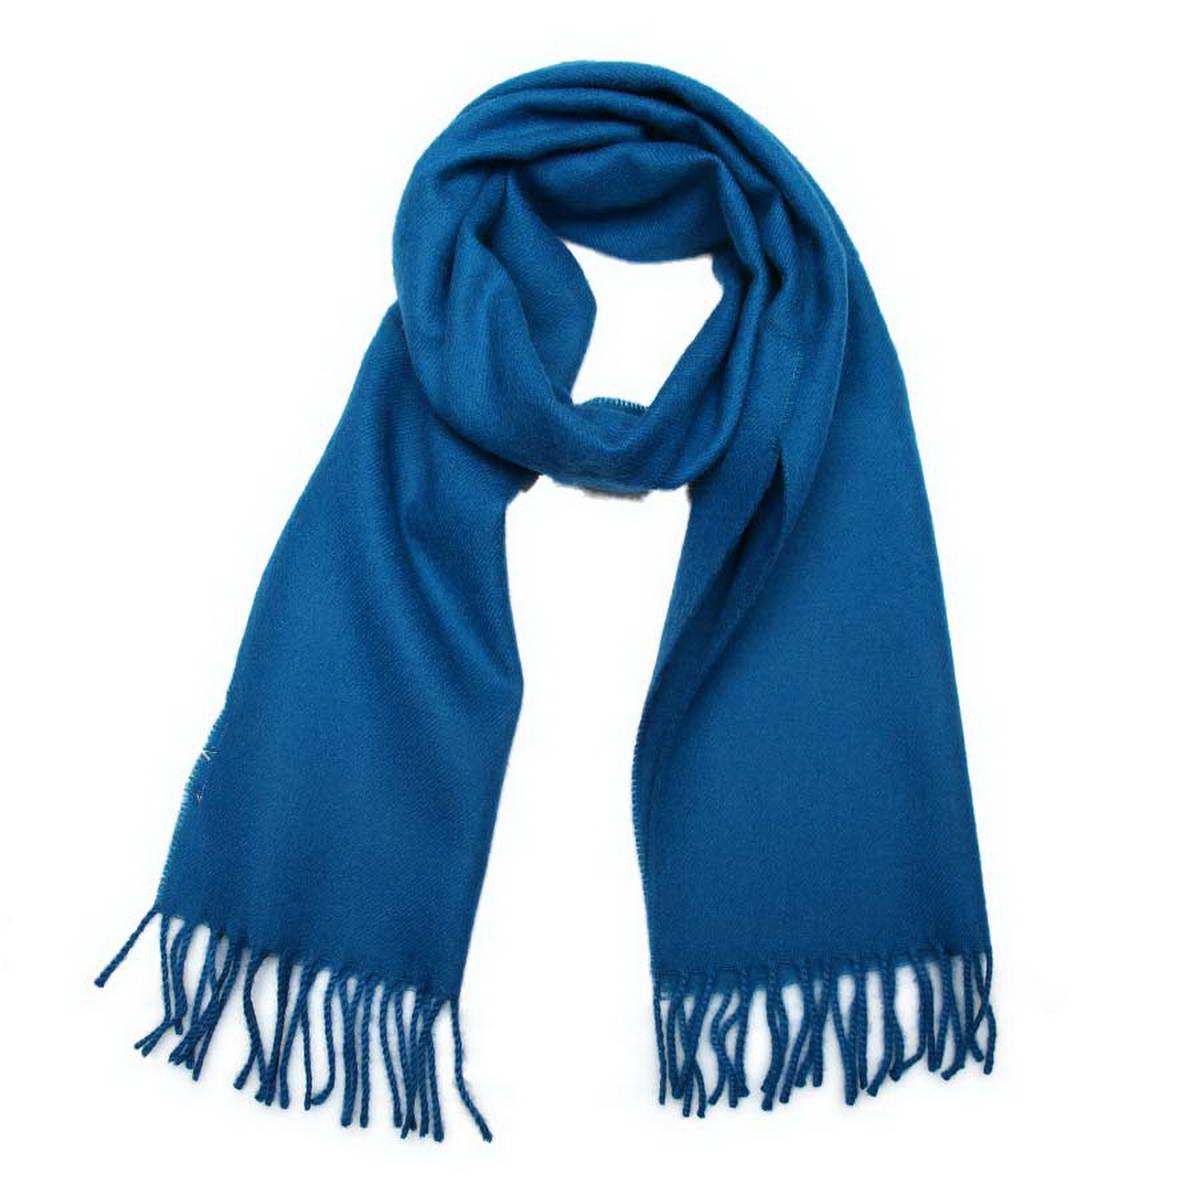 Шарф Venera, цвет: синий. 5002432-13. Размер 30 см х 145 см5002432-13Классический однотонный шарф Venera, выполненный из натуральной шерсти, создан подчеркнуть ваш неординарный вкус и согреть вас в прохладное время года. Модель дополнена кисточками по краям, несмотря на простой дизайн, аксессуар сделает ваш образ стильным и завершенным.Этот модный аксессуар не только согреет вас в холодное время года, но гармонично дополнит ваш образ.